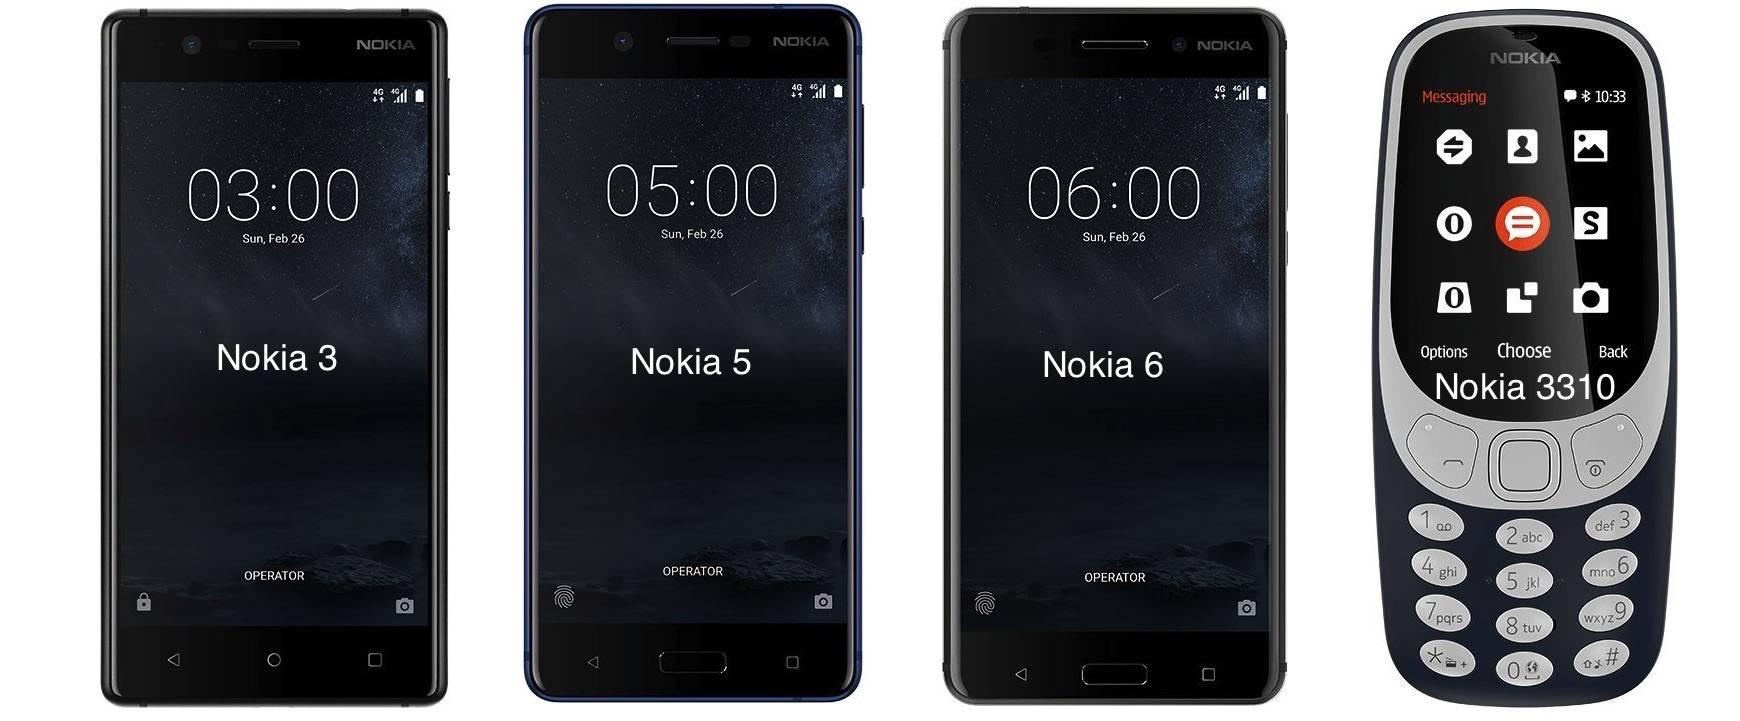 NOKIA HMD Smartphones